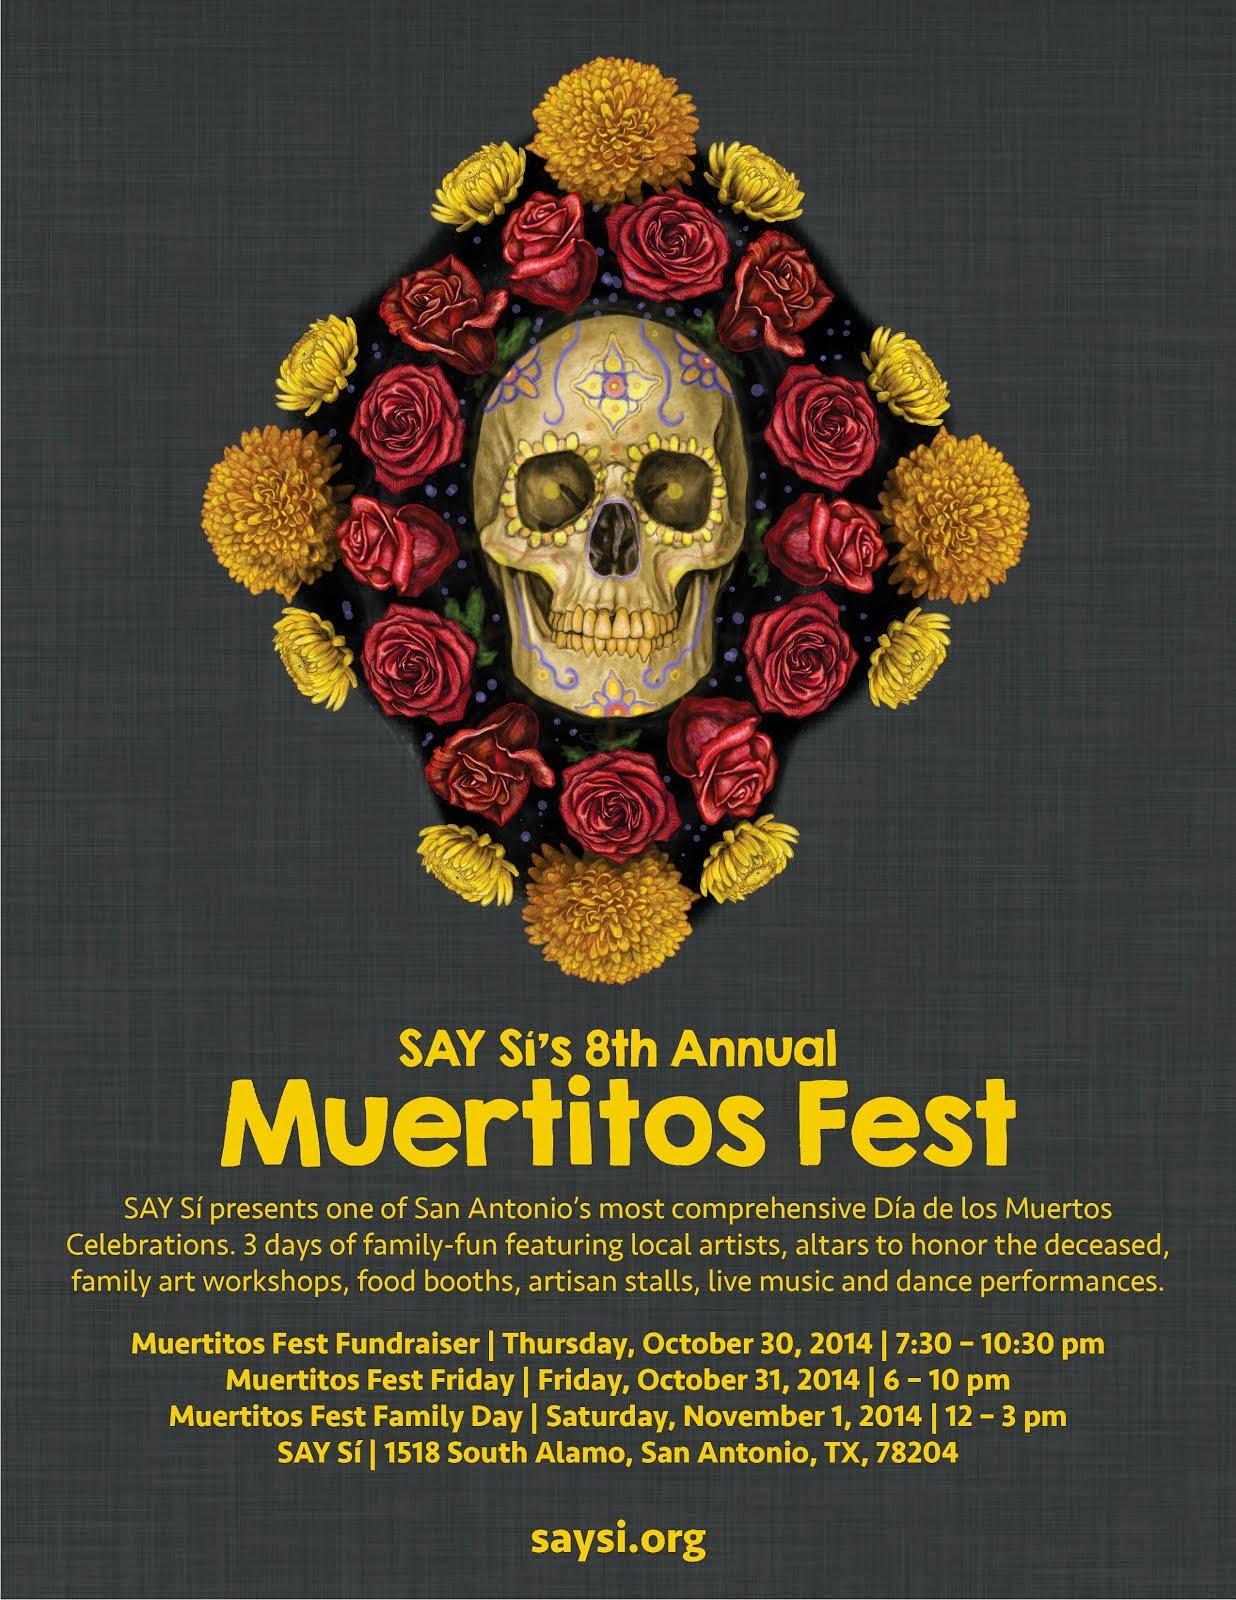 Muertitos Fest 2014